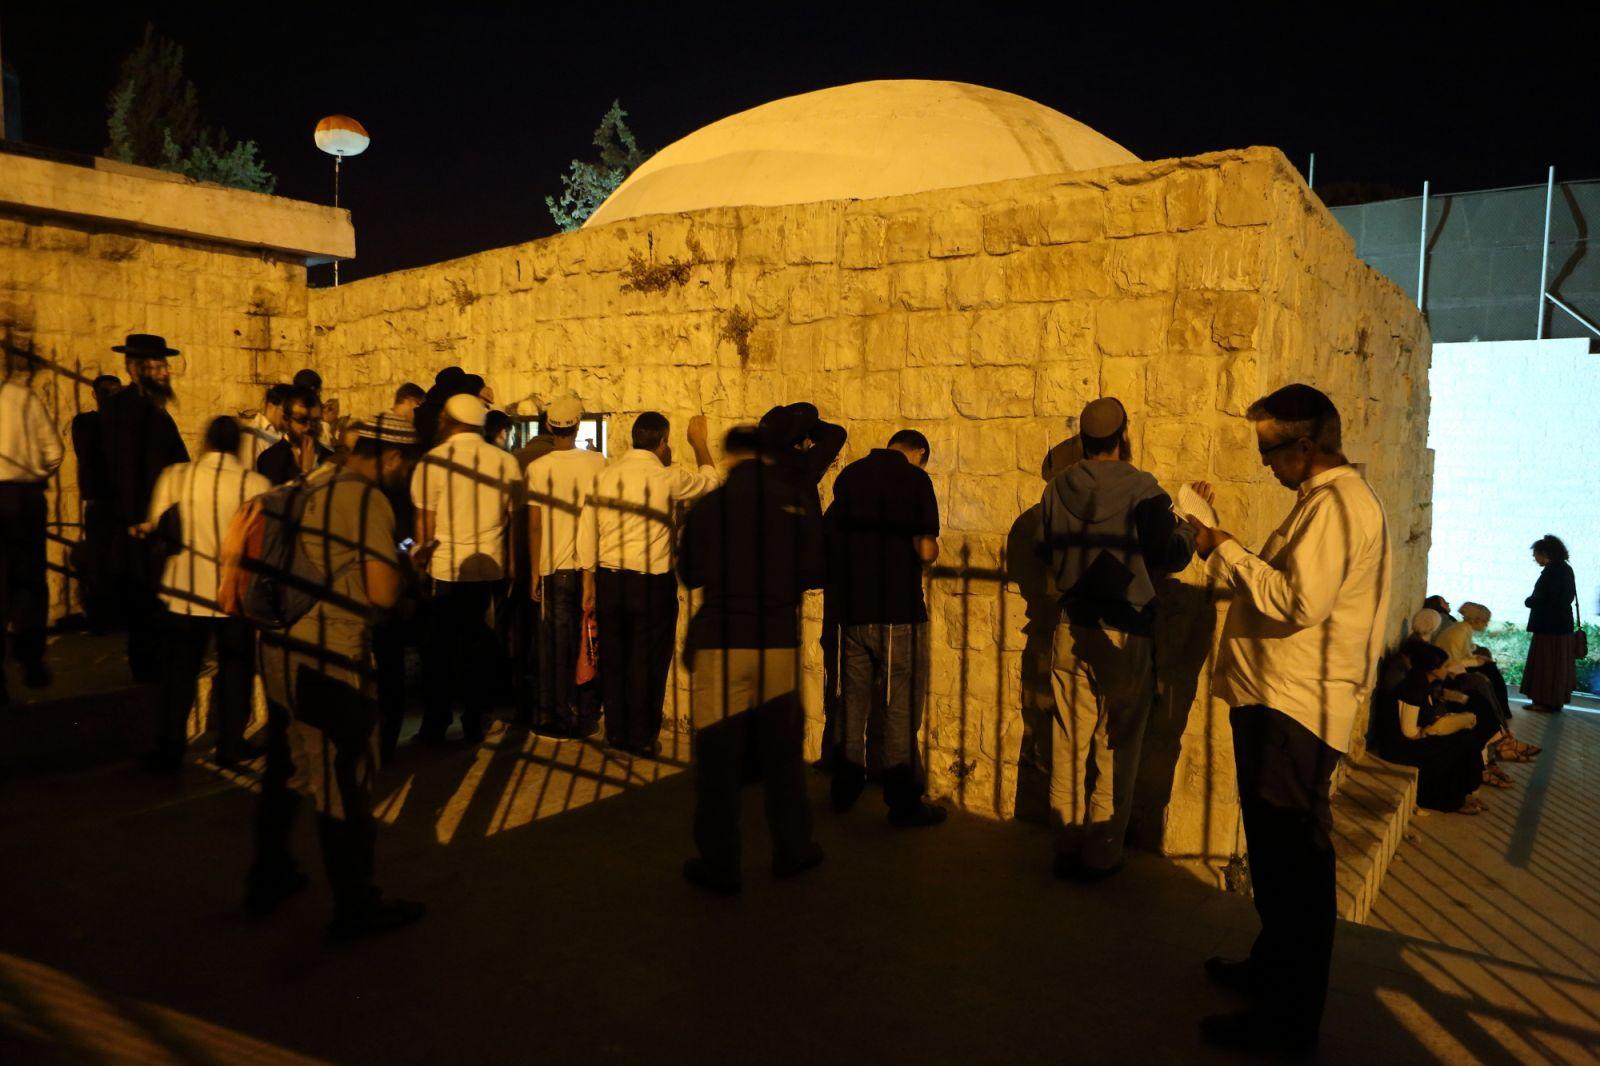 نابلس: اقتحام قبر يوسف ومواجهات في محيط الأكاديمية